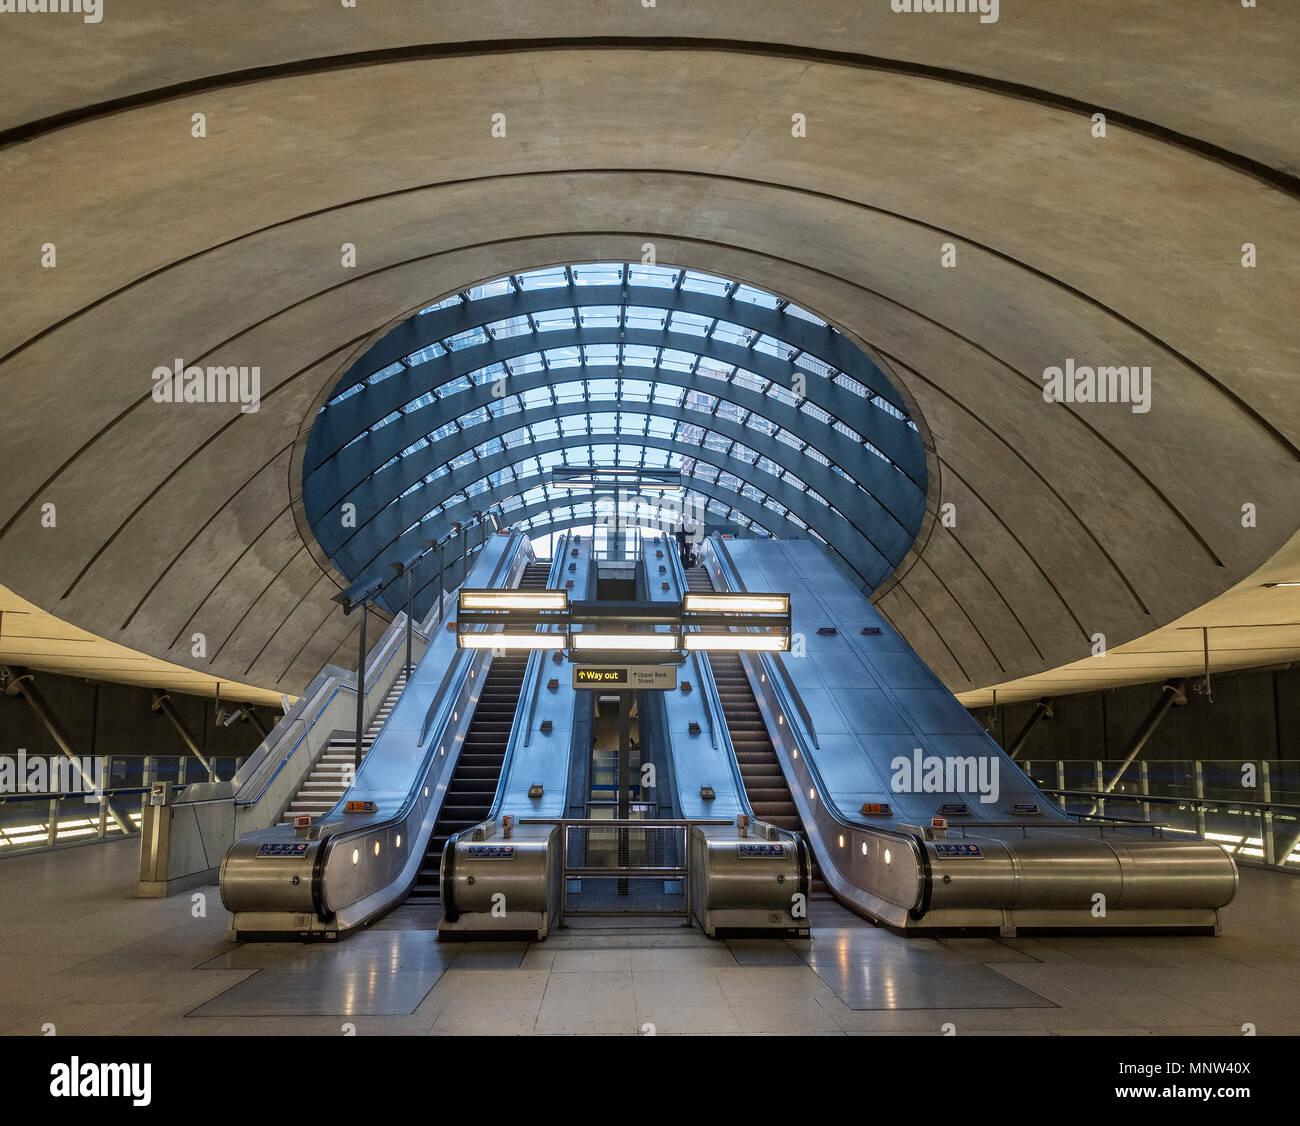 Canary Wharf Underground Station, Canary Wharf, London, England, UK - Stock Image